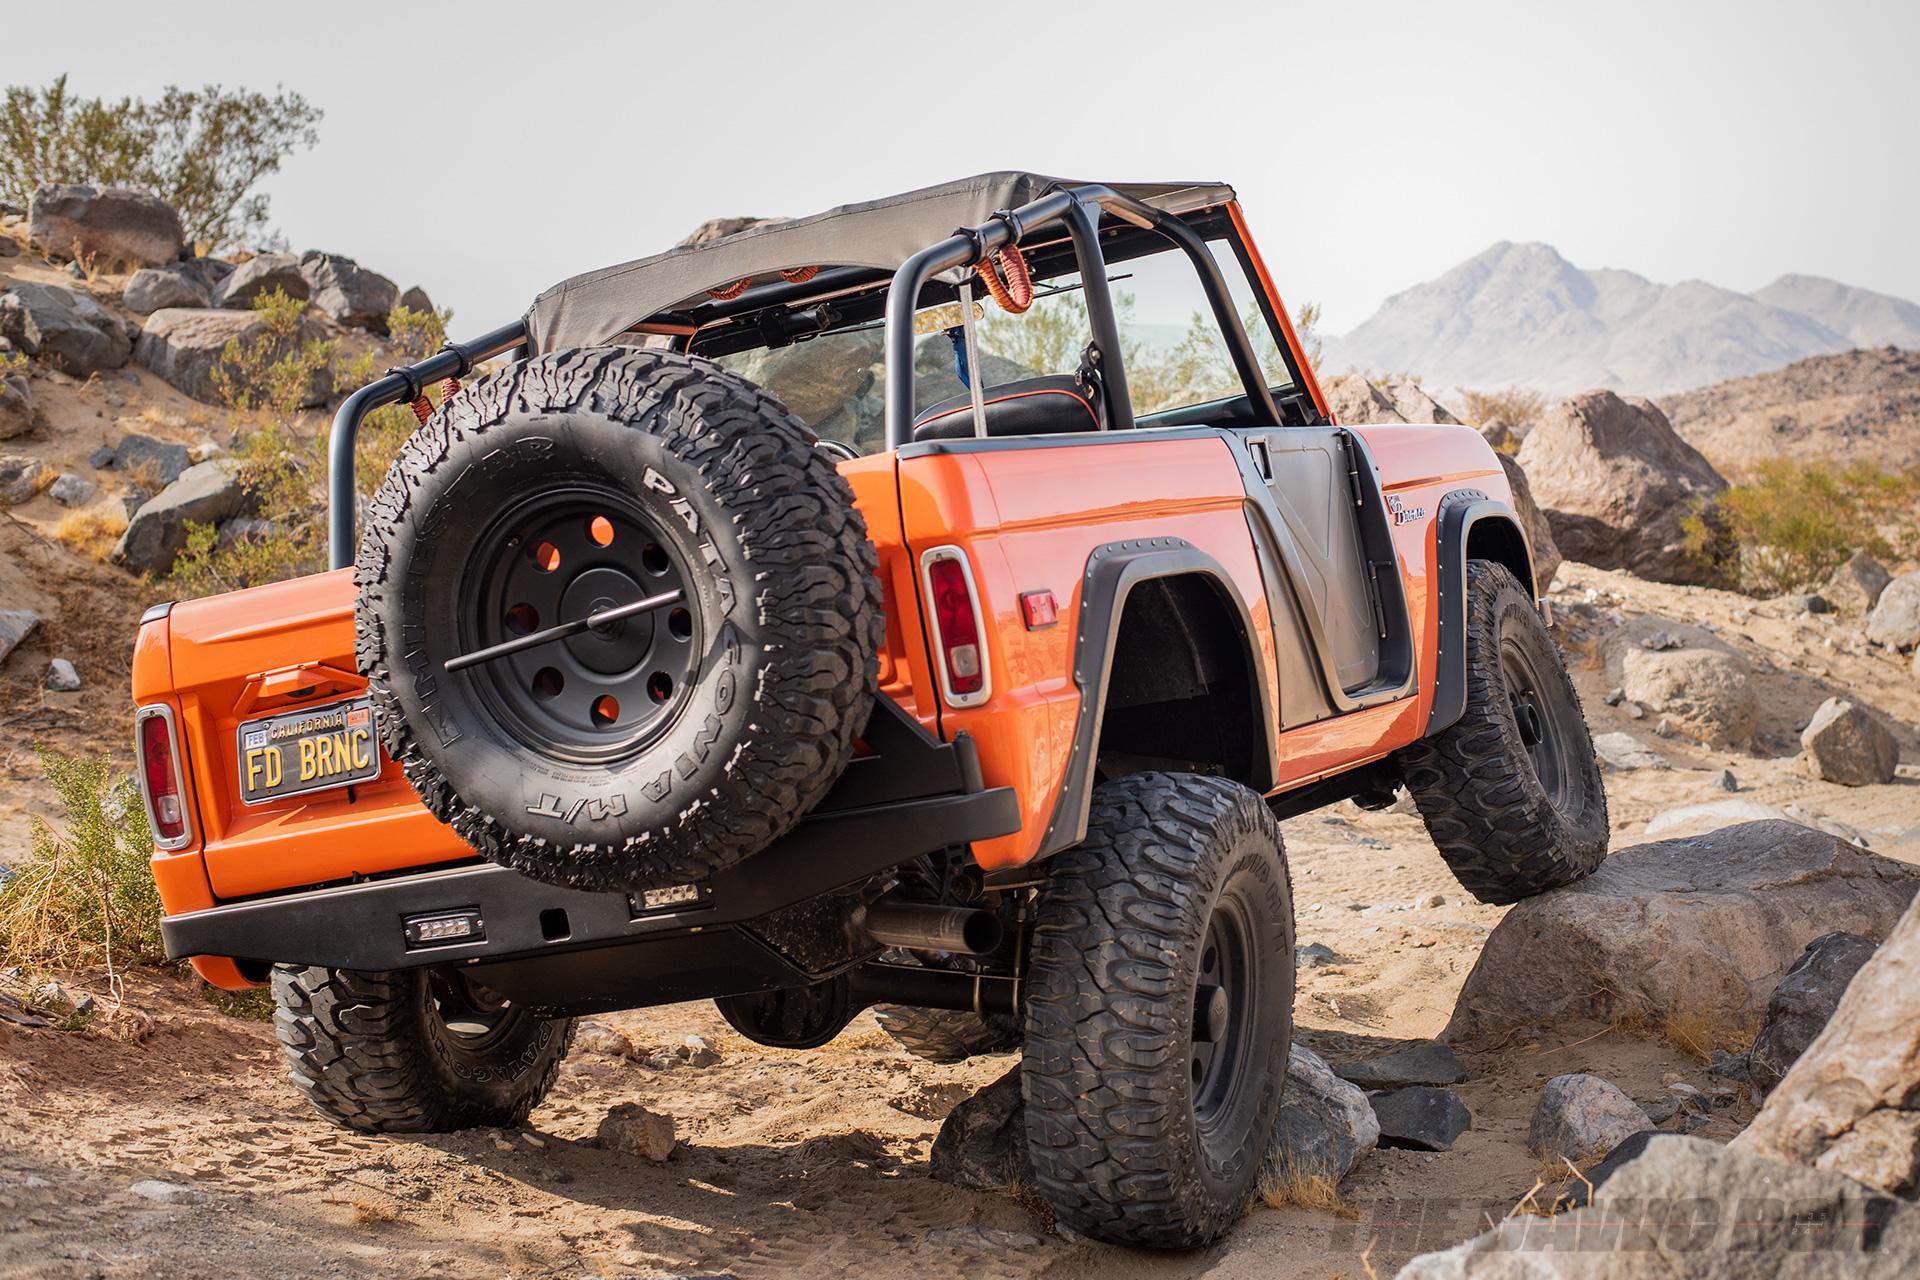 Orange Vintage 71 Ford Bronco Sport crawling off-road